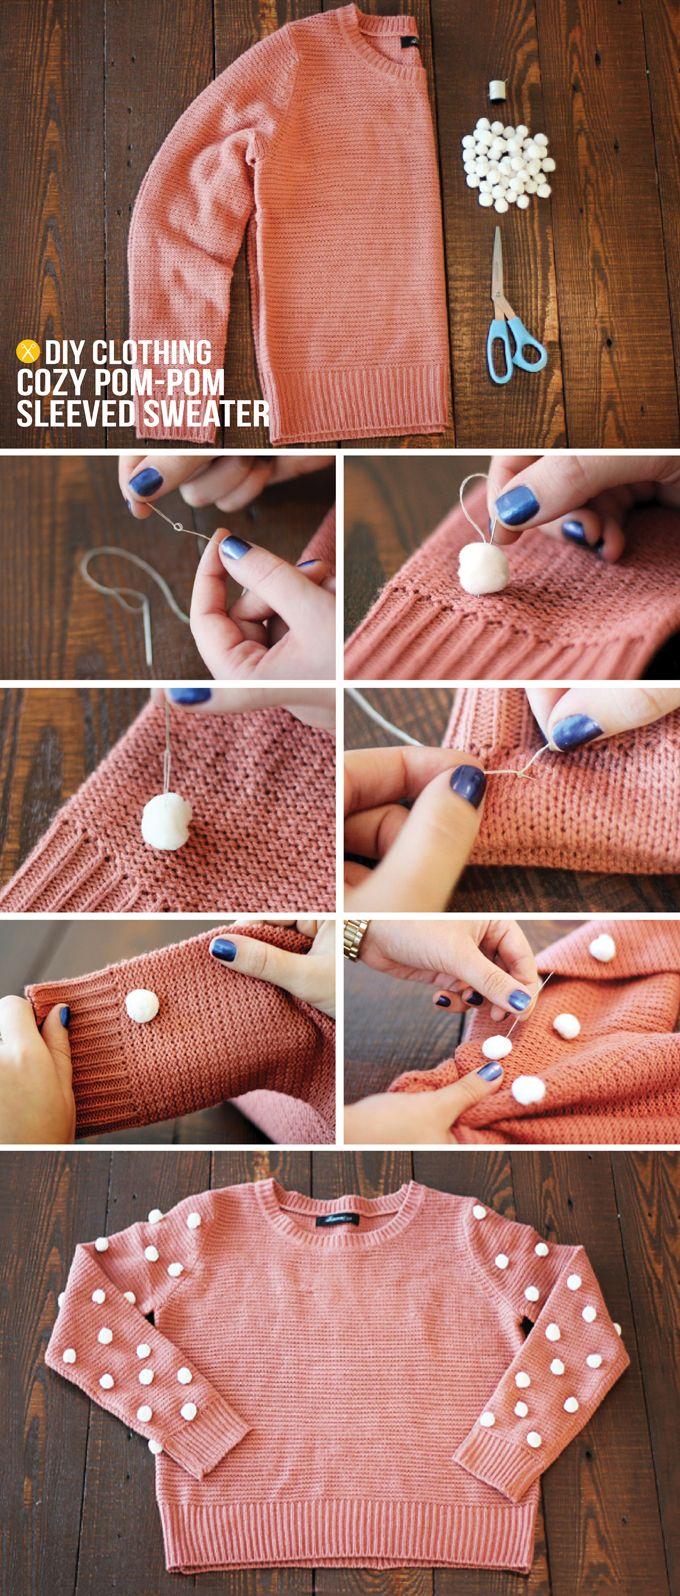 17 Great DIY Ideas for 2014   Pretty Designs